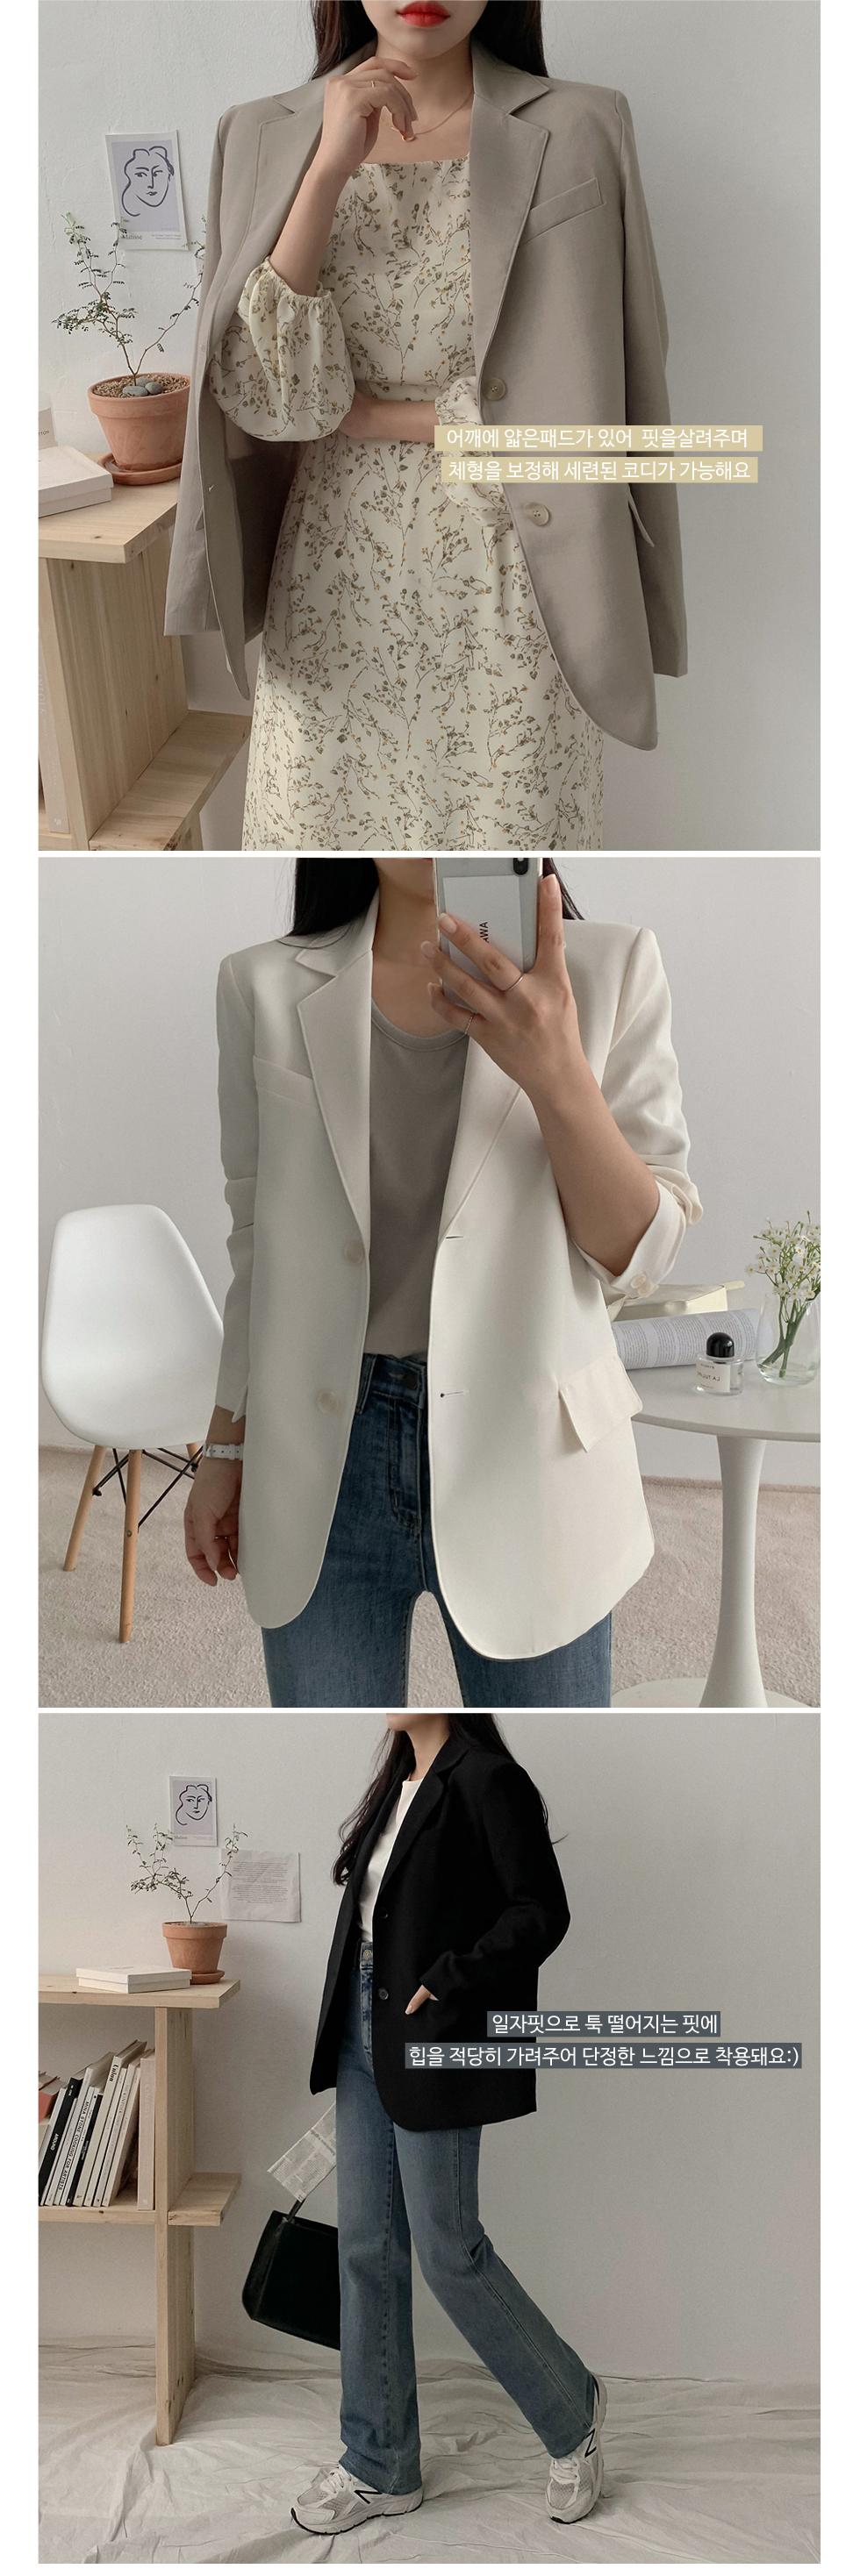 Cardi Spring Jacket